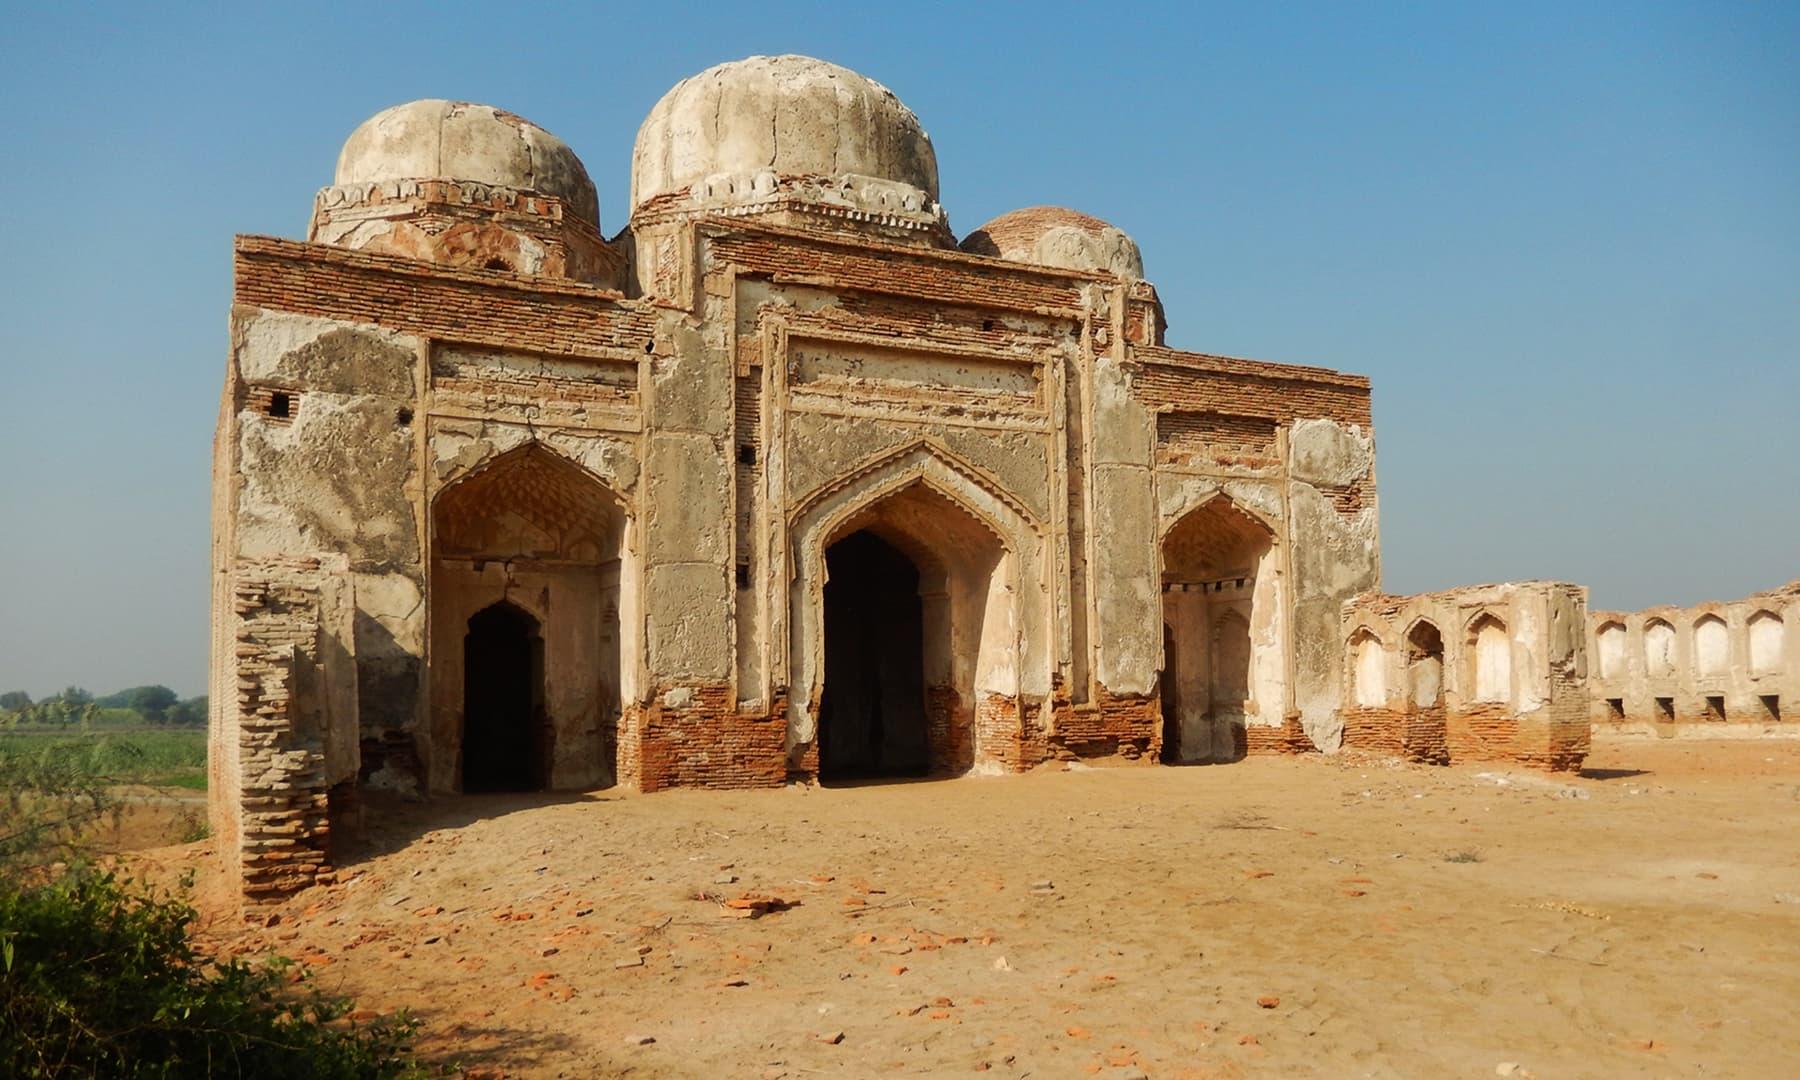 آثار قدیمہ کے شمال میں واقع مسجد اور مدرسہ—تصویر ابوبکر شیخ